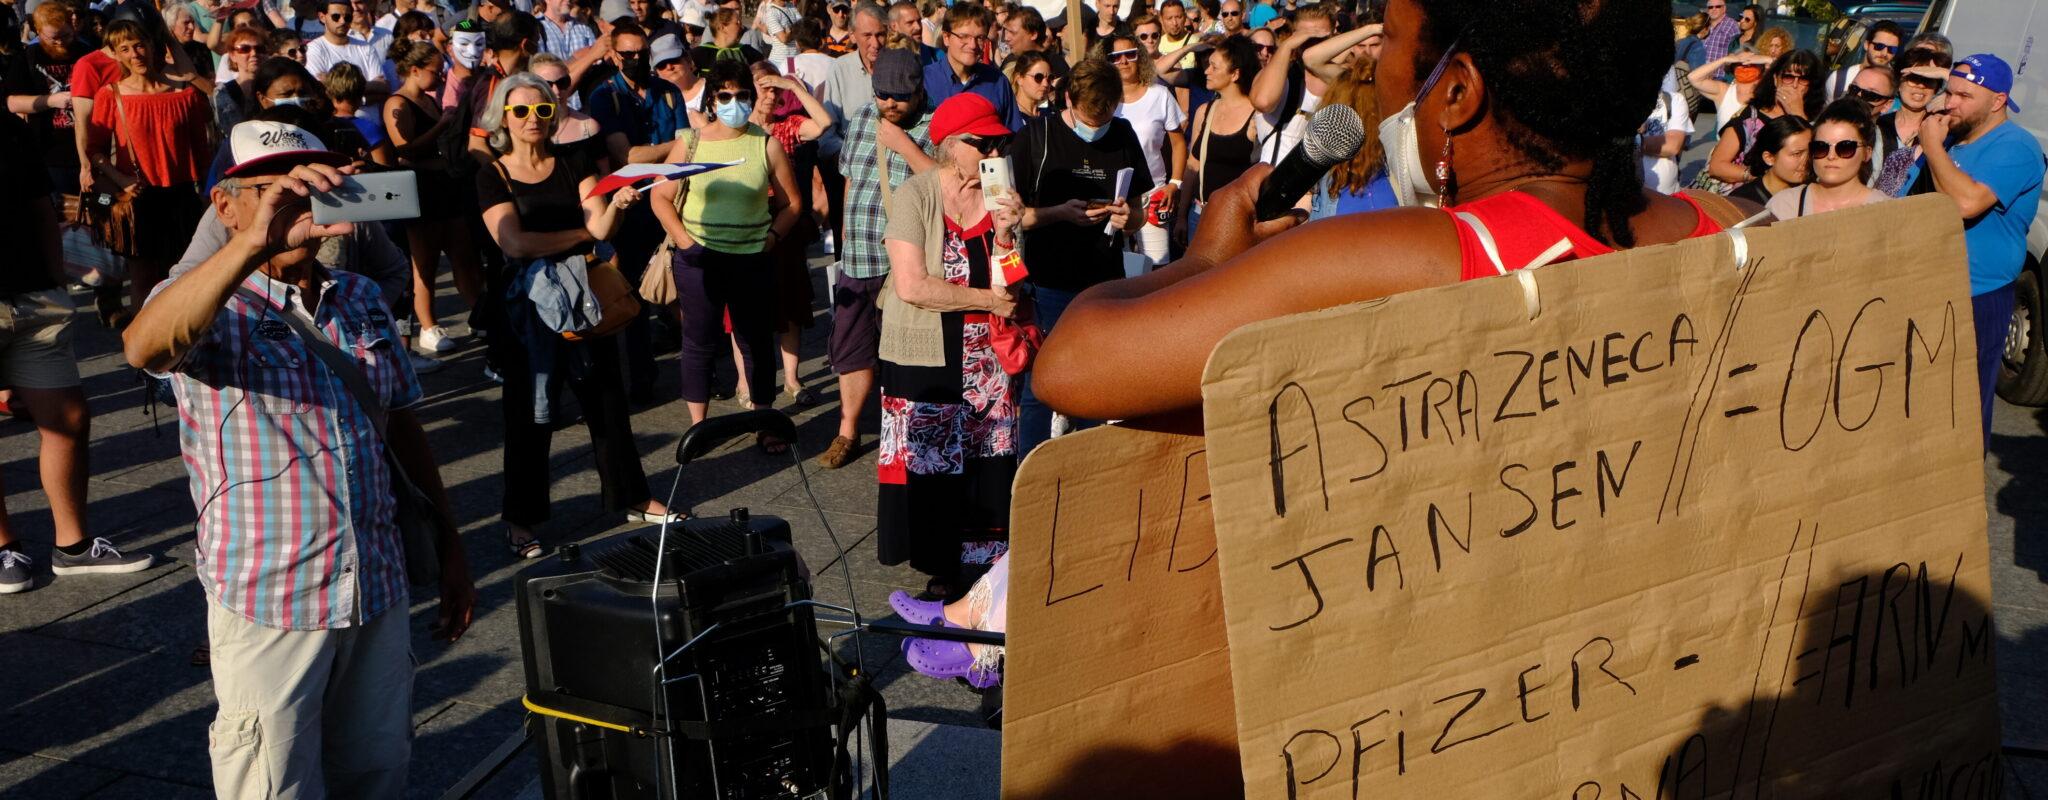 Manifestation anti-pass sanitaire: une fédération de toutes les colères